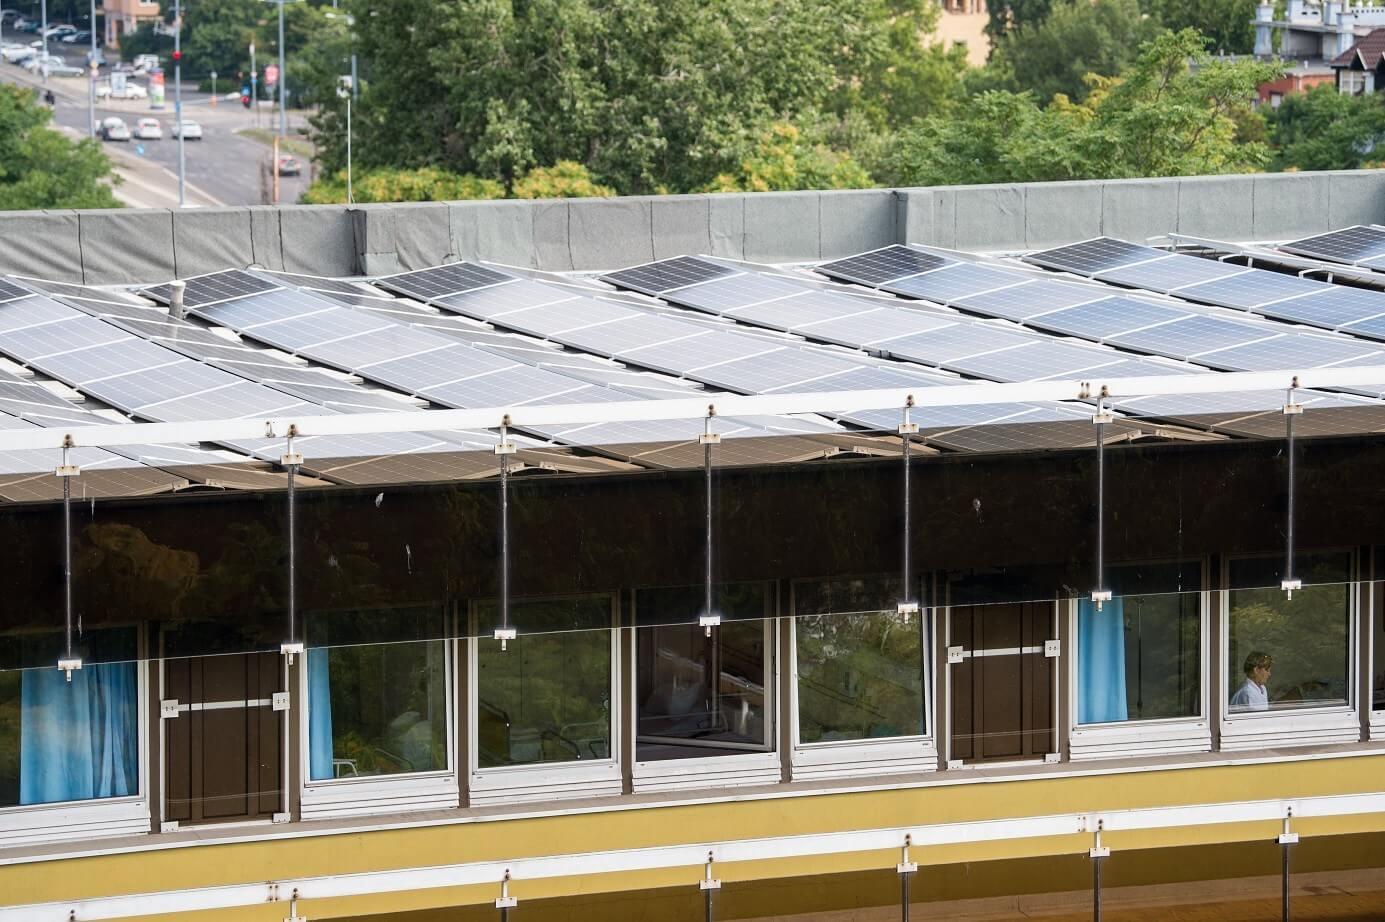 Sokmilliós megtakarítást jelent az óbudai kórházra felszerelt 780 napelem